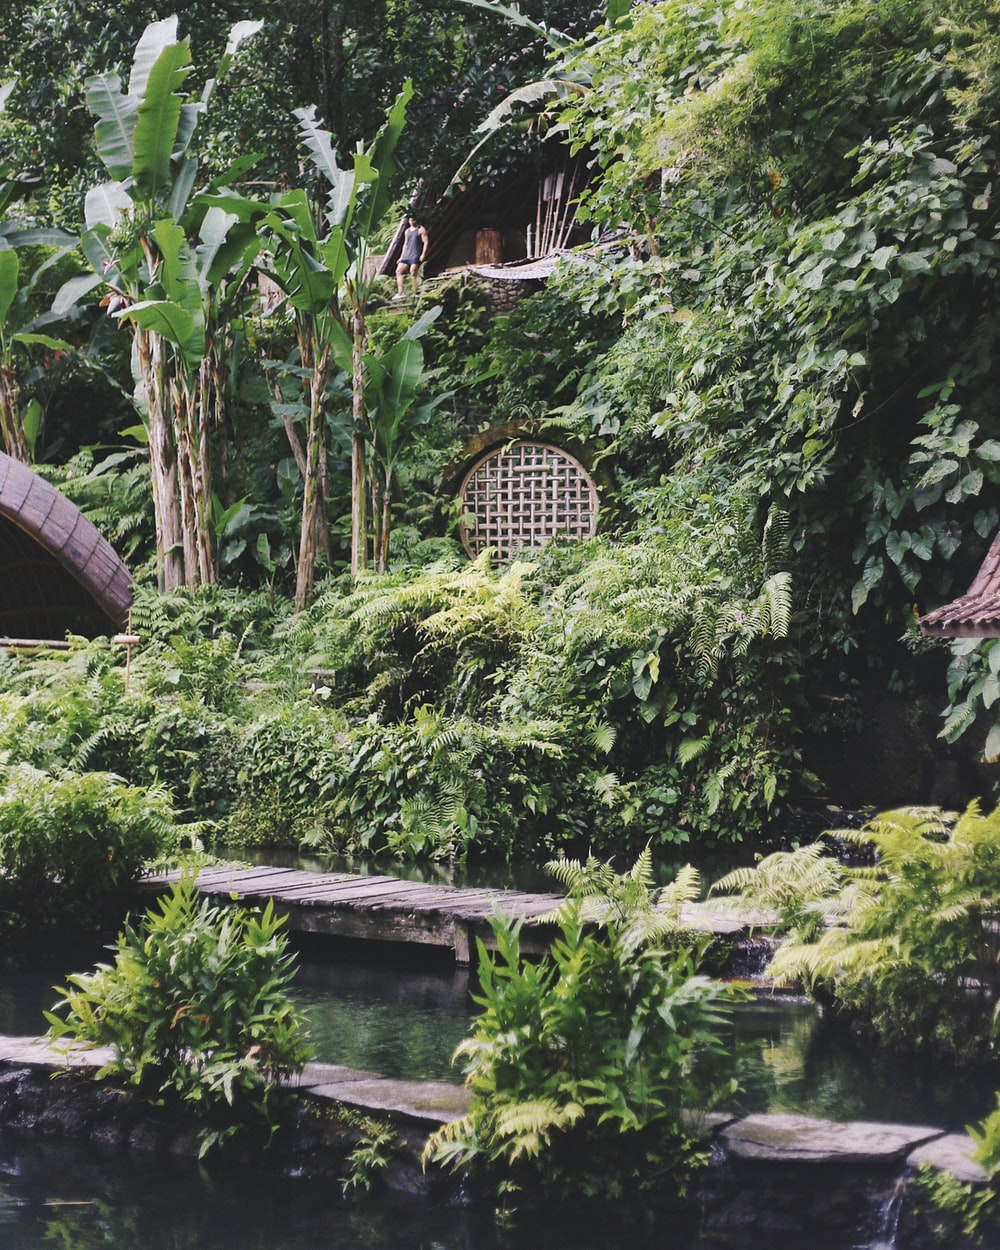 green plants beside eock